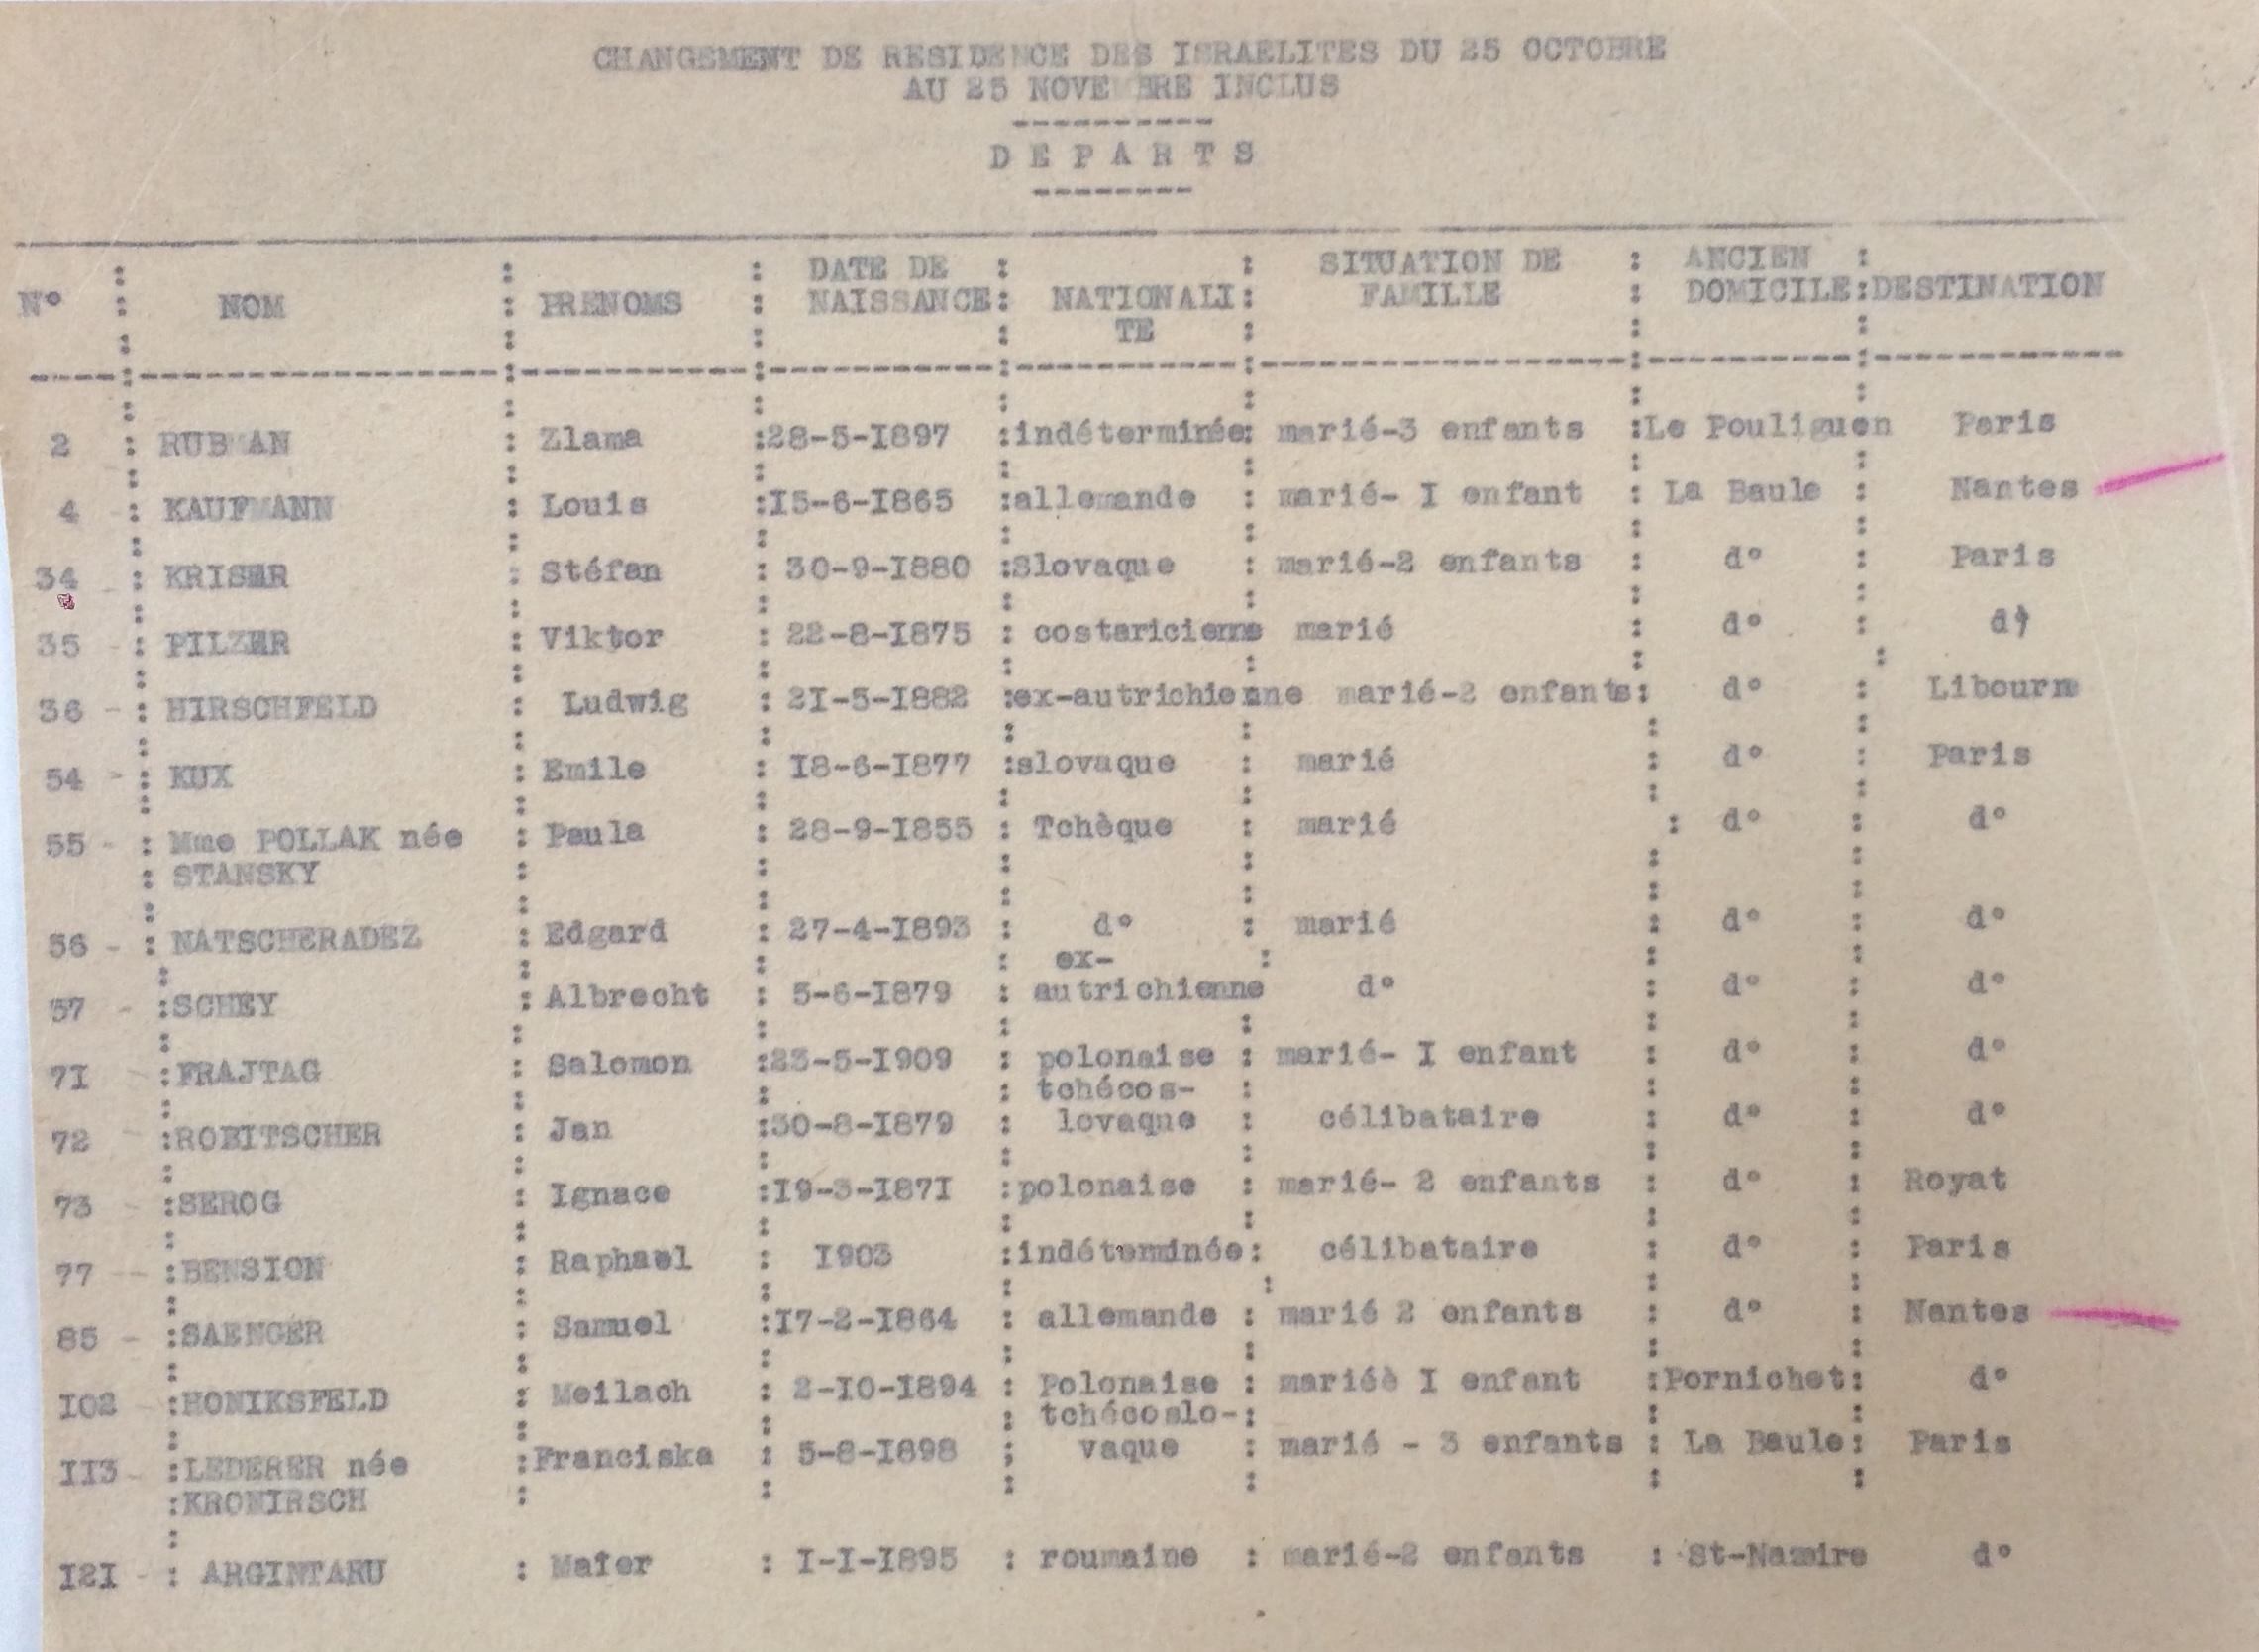 Déplacement des Israélites 25 octobre/25novembre 1940 [ADLA 1694W25]